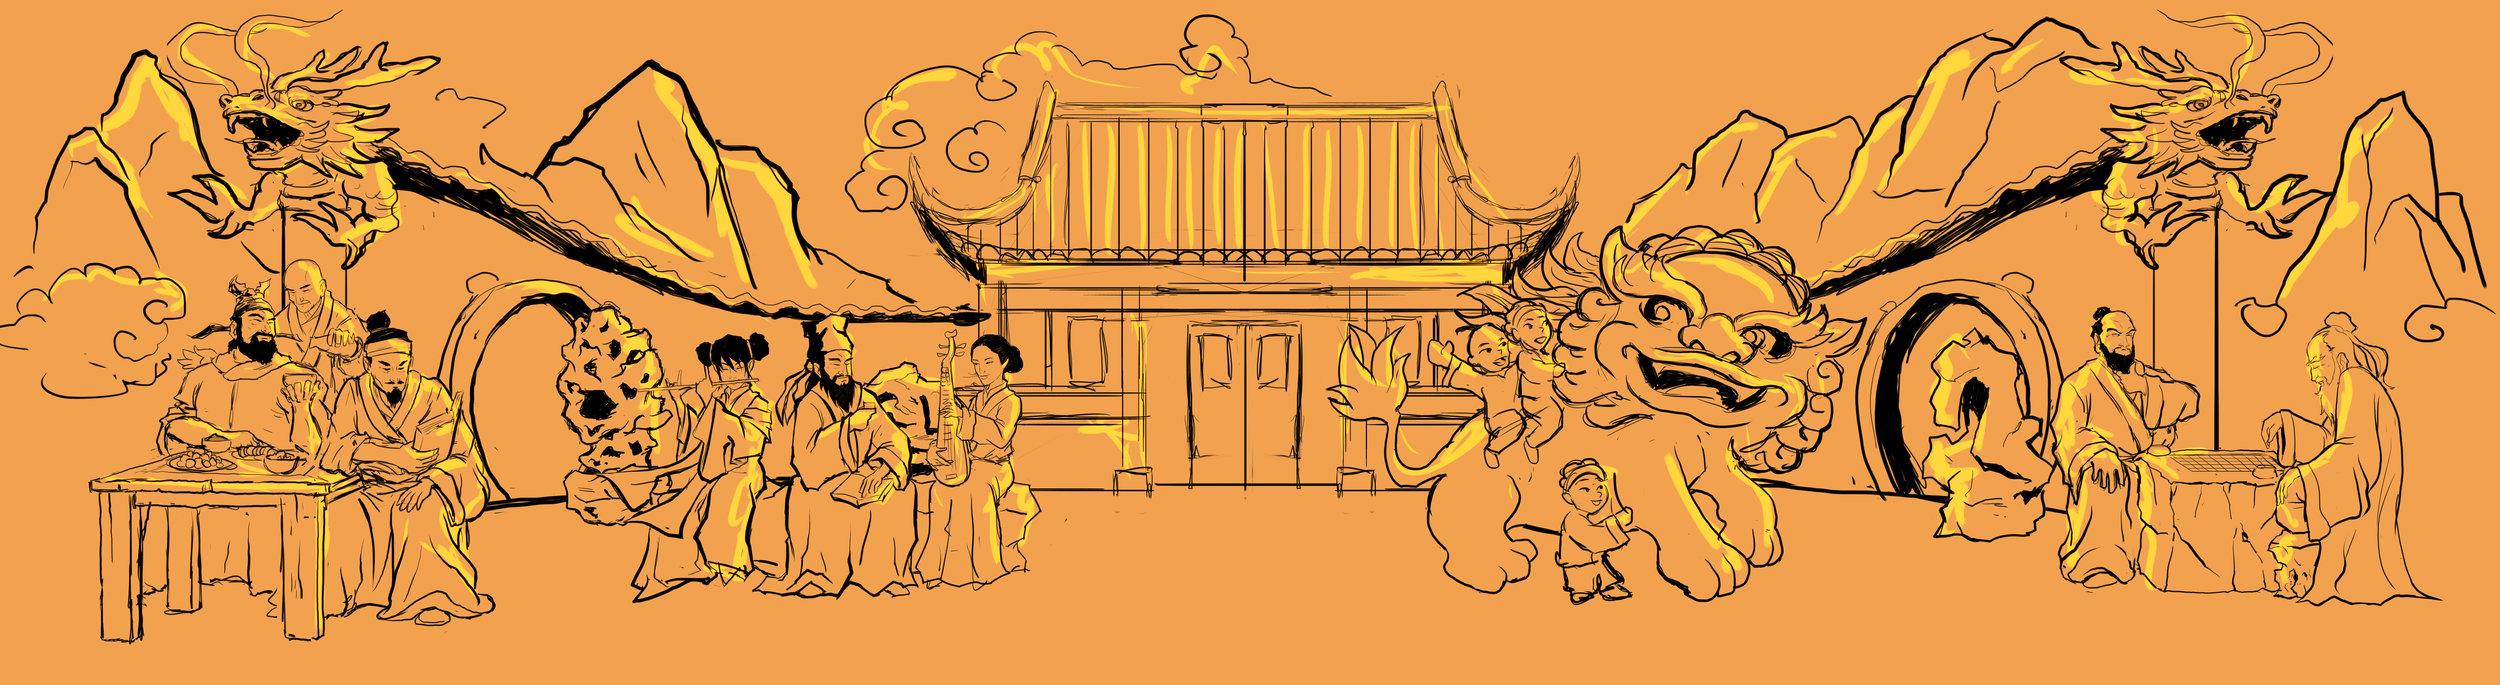 Yuan-Wall-274x1000mm-Draft01.jpg